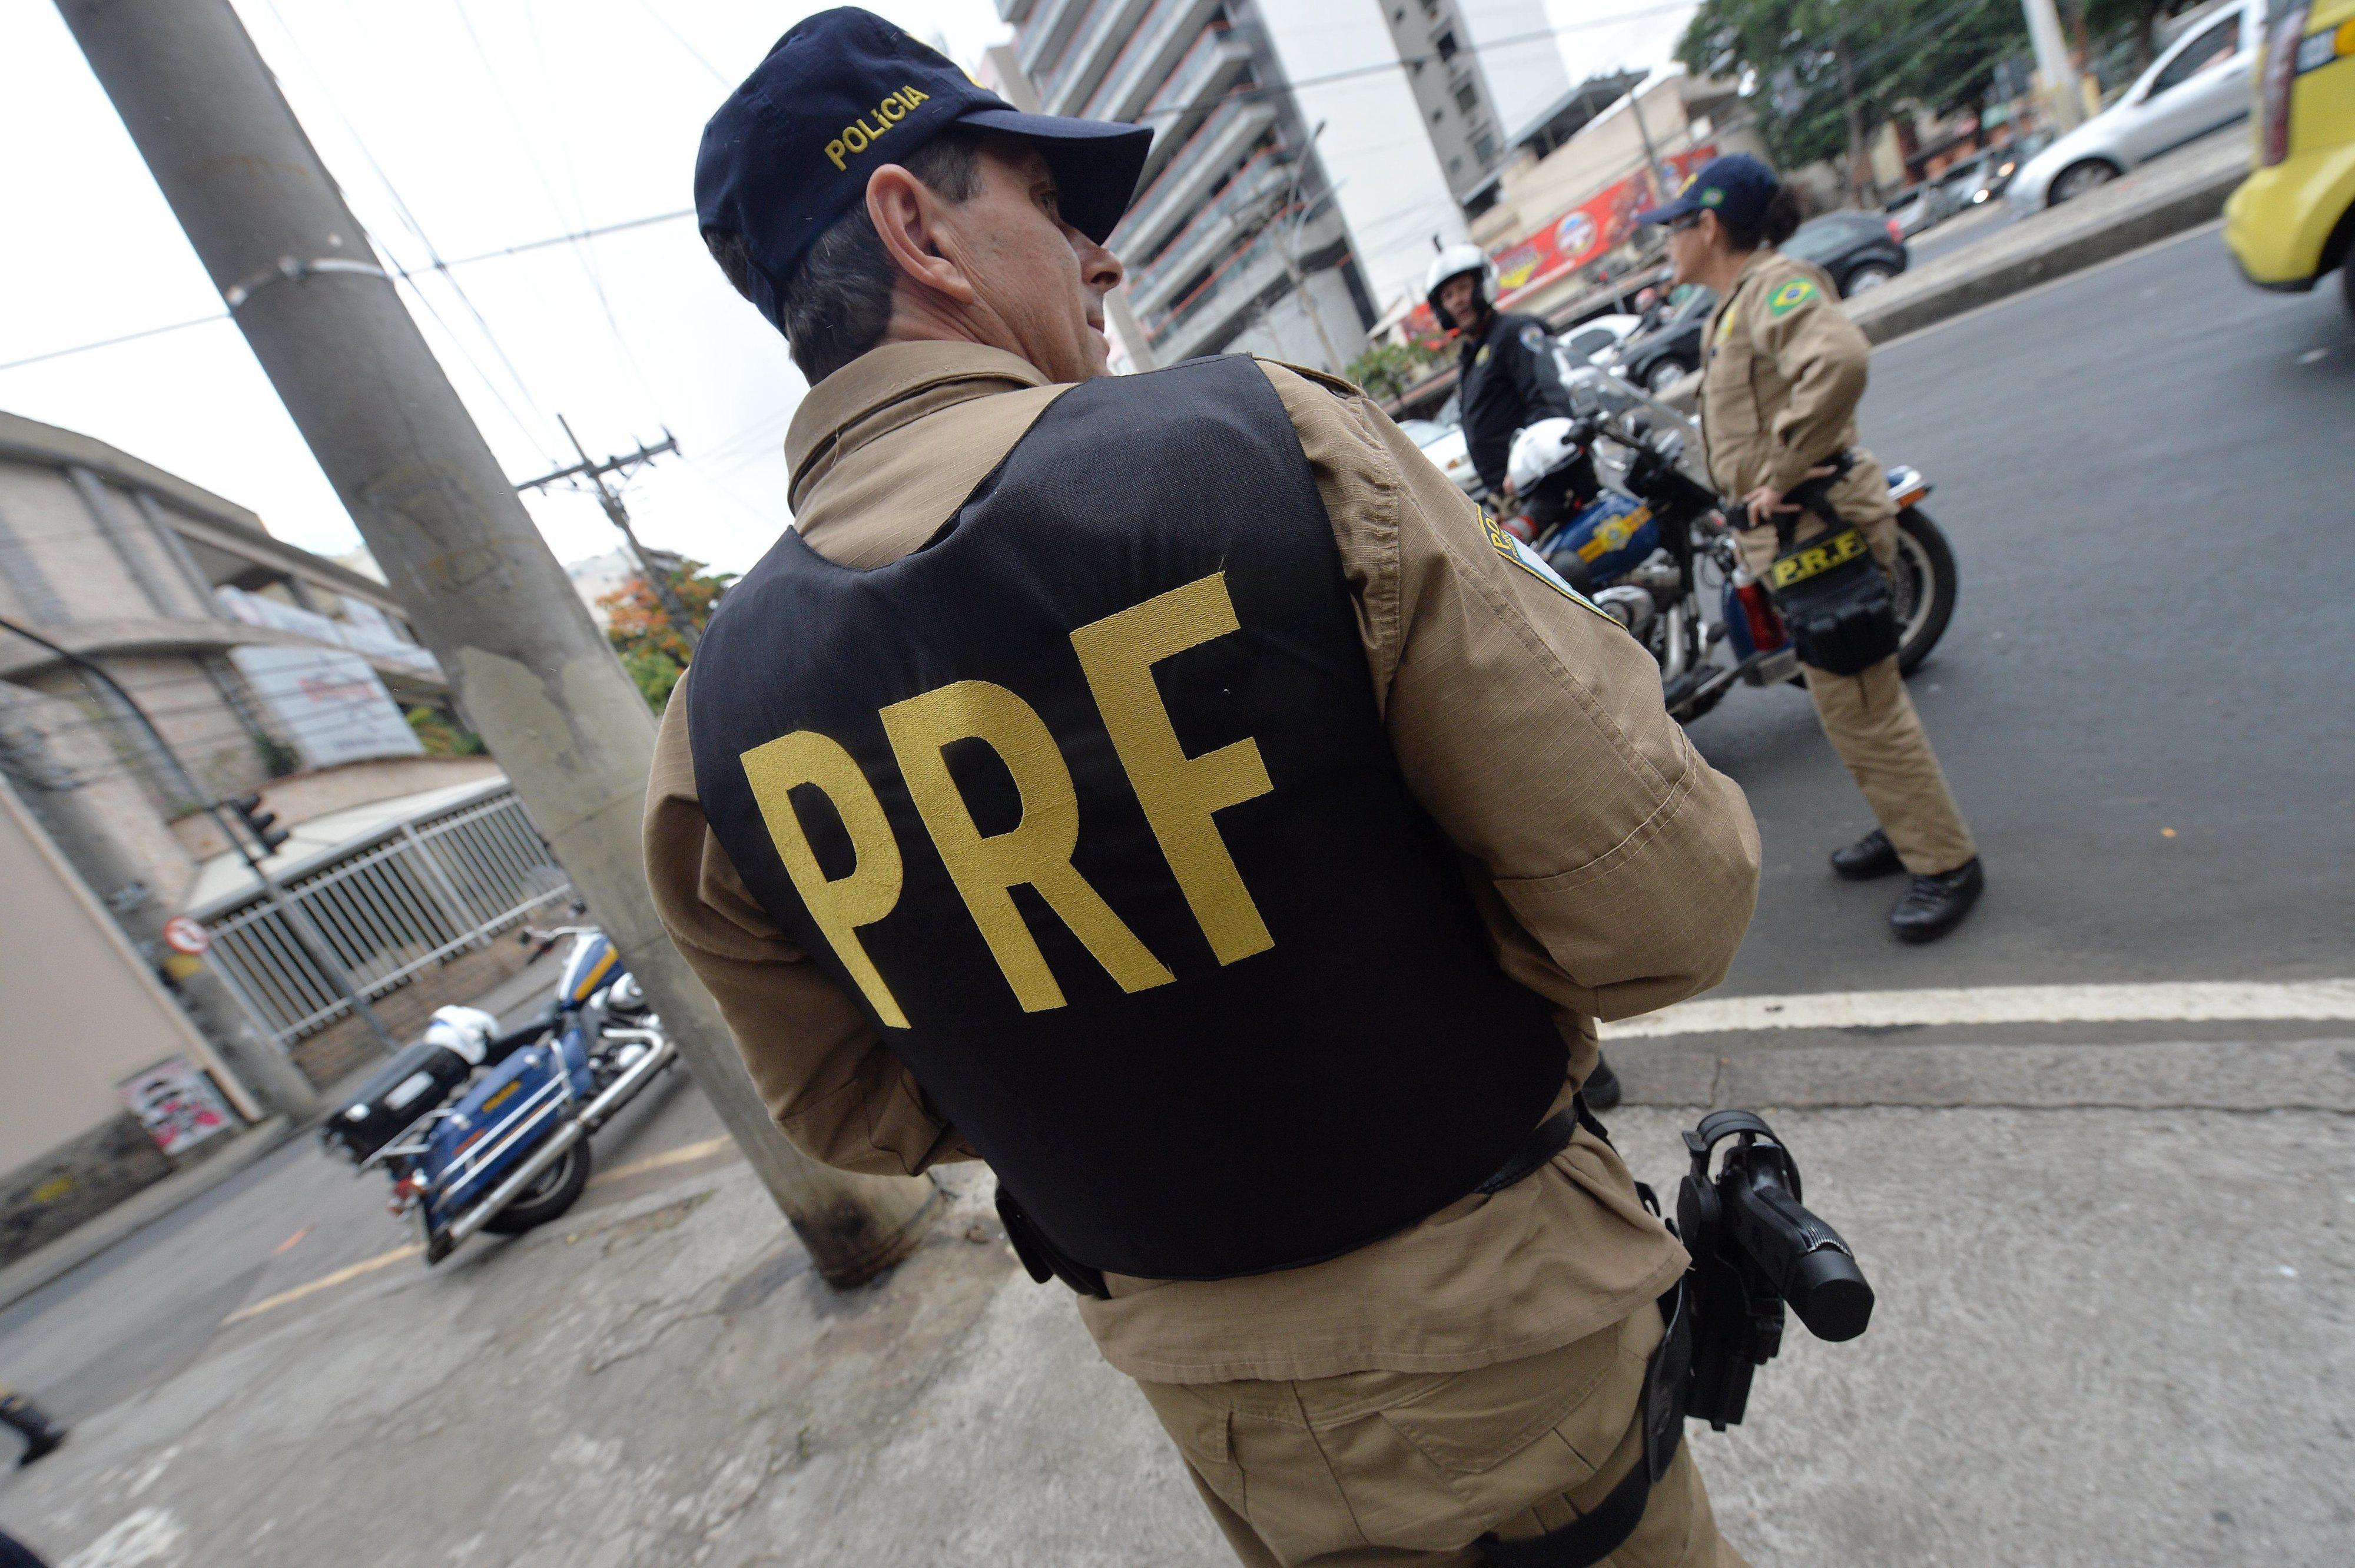 Polícia realiza operação contra corrupção no maior porto do Brasil